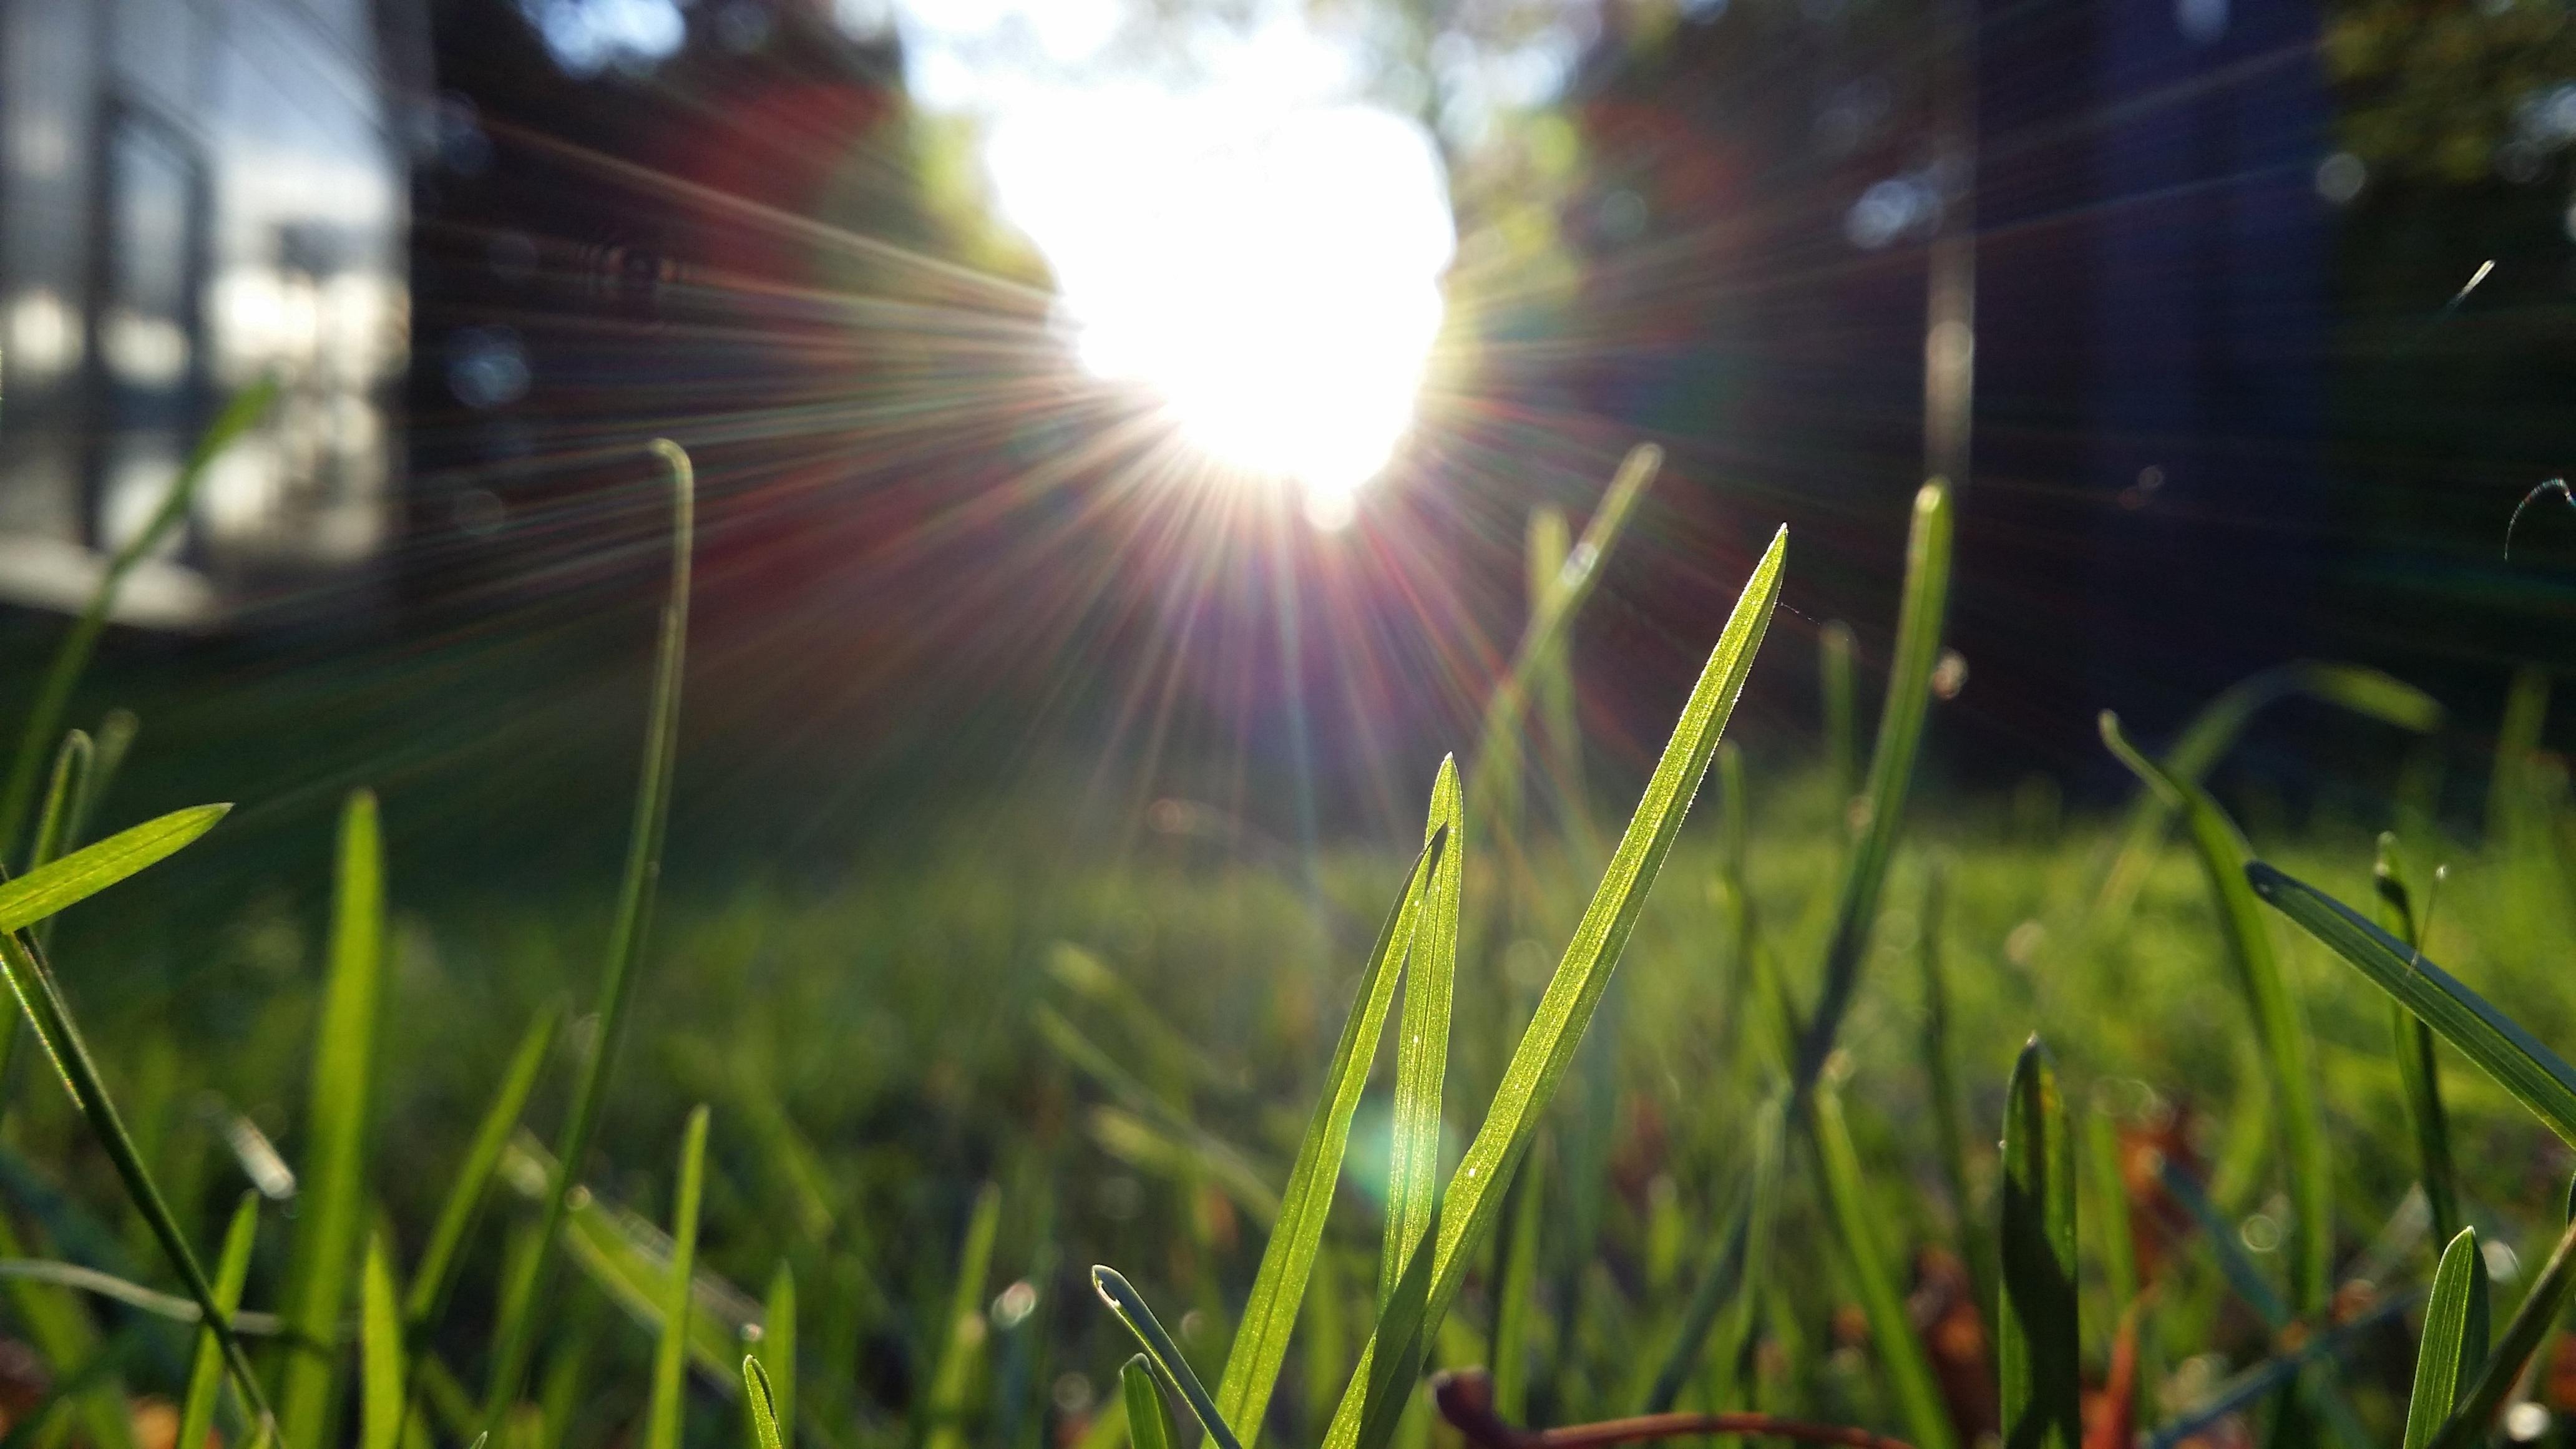 работают лучи солнца на траве картинки камера умной